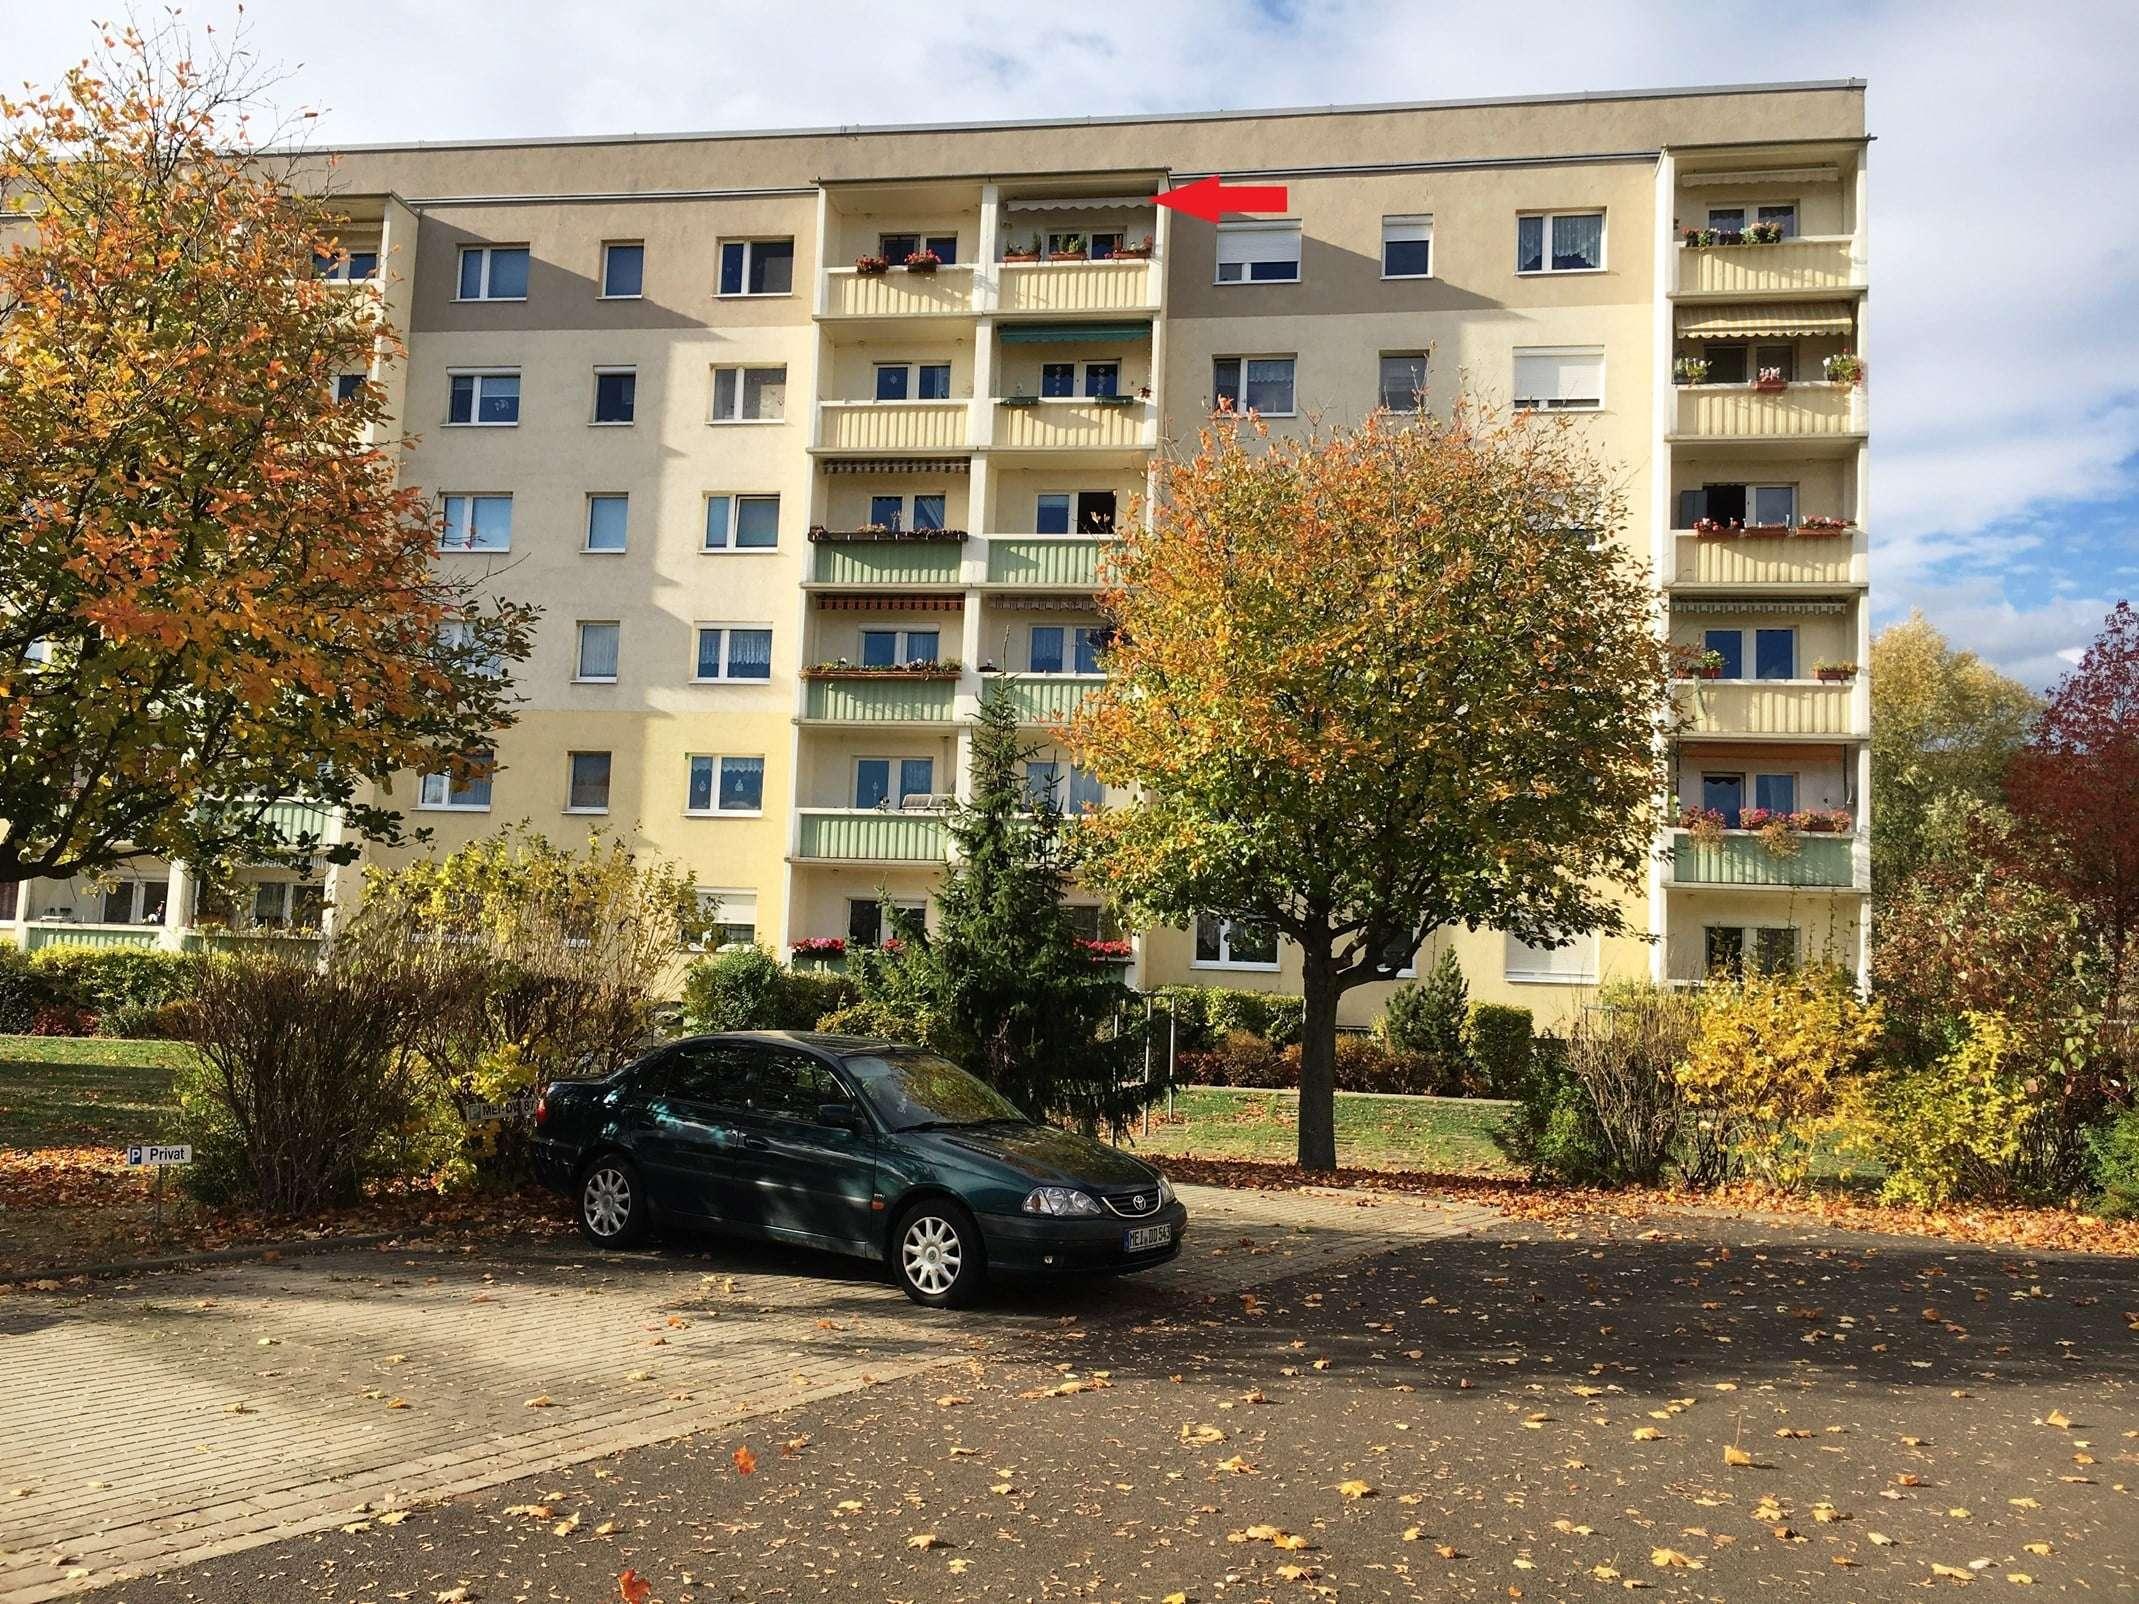 Preiswerte ETW - Ideal auch für eine junge Familie zur Eigennutzung - Wohnung zum Kauf in Coswig